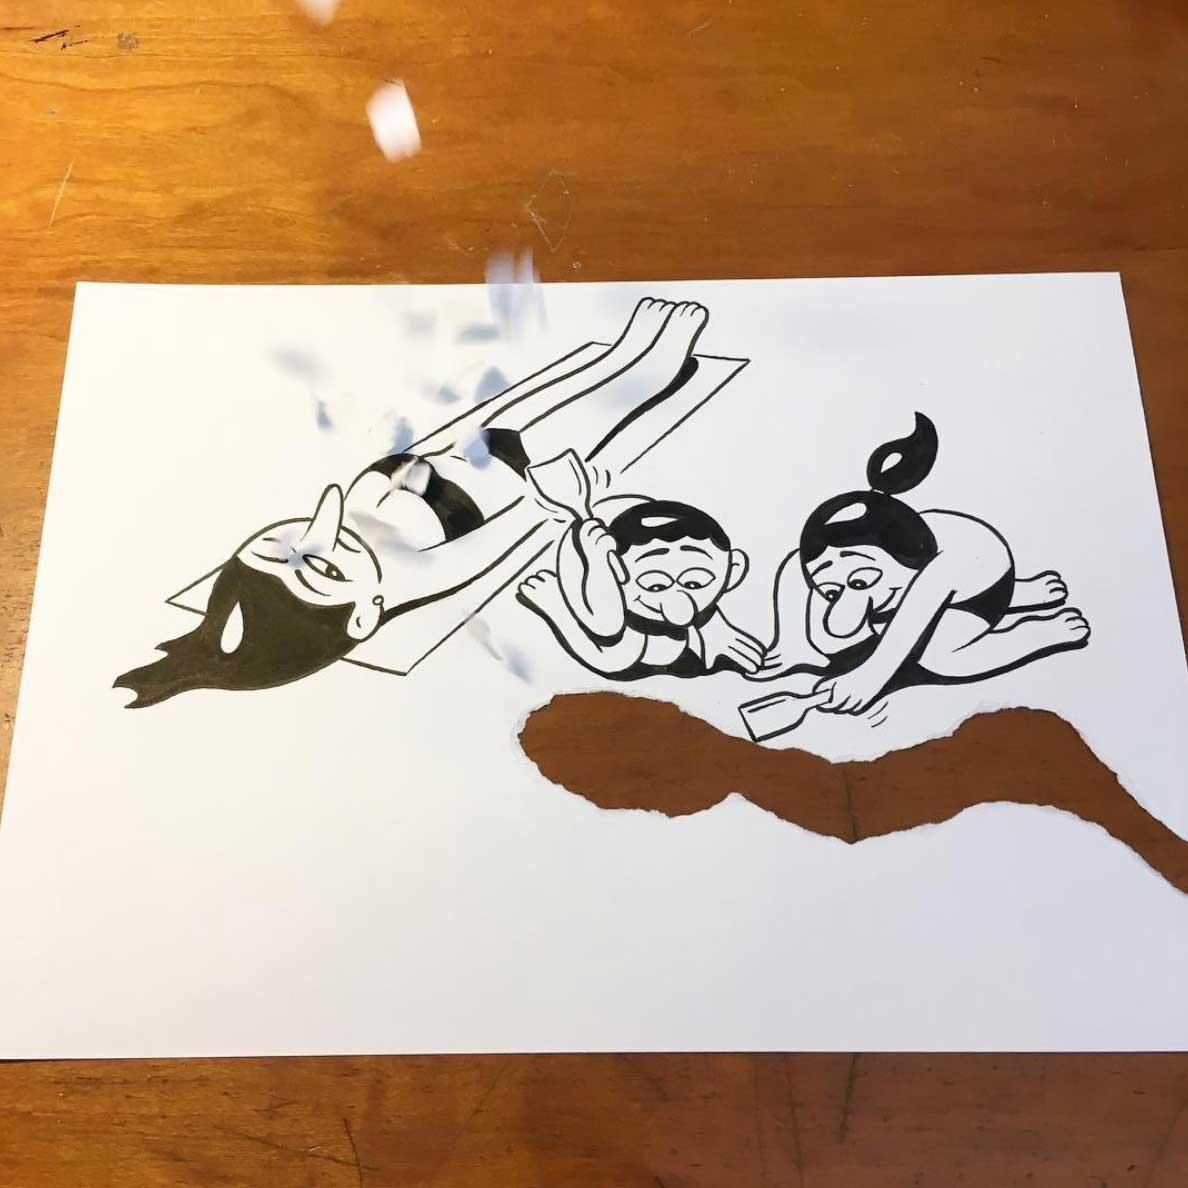 Neue Zeichnungen mit Kniff von HuskMitNavn HuskMitNavn_05